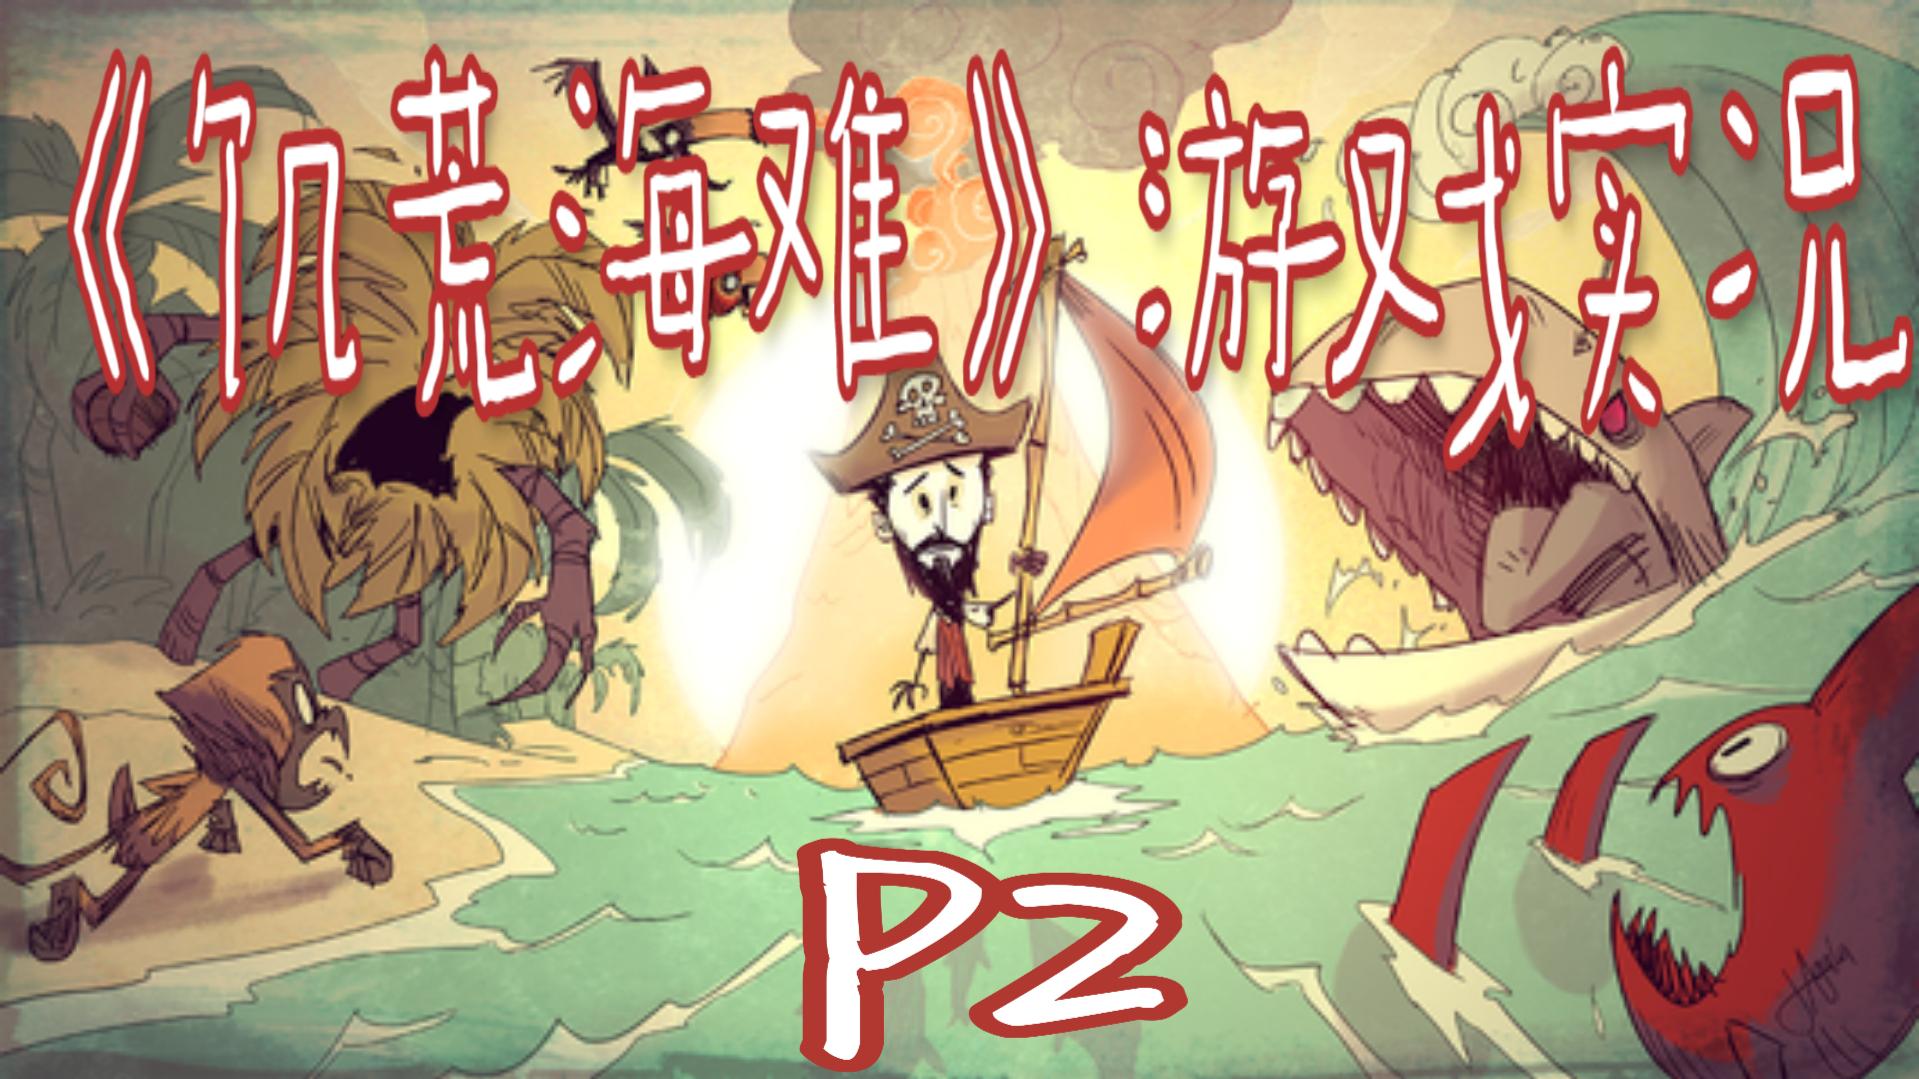 【非攻略娱乐向】《饥荒海难》P2今天是个好日子~今天是个好日子!